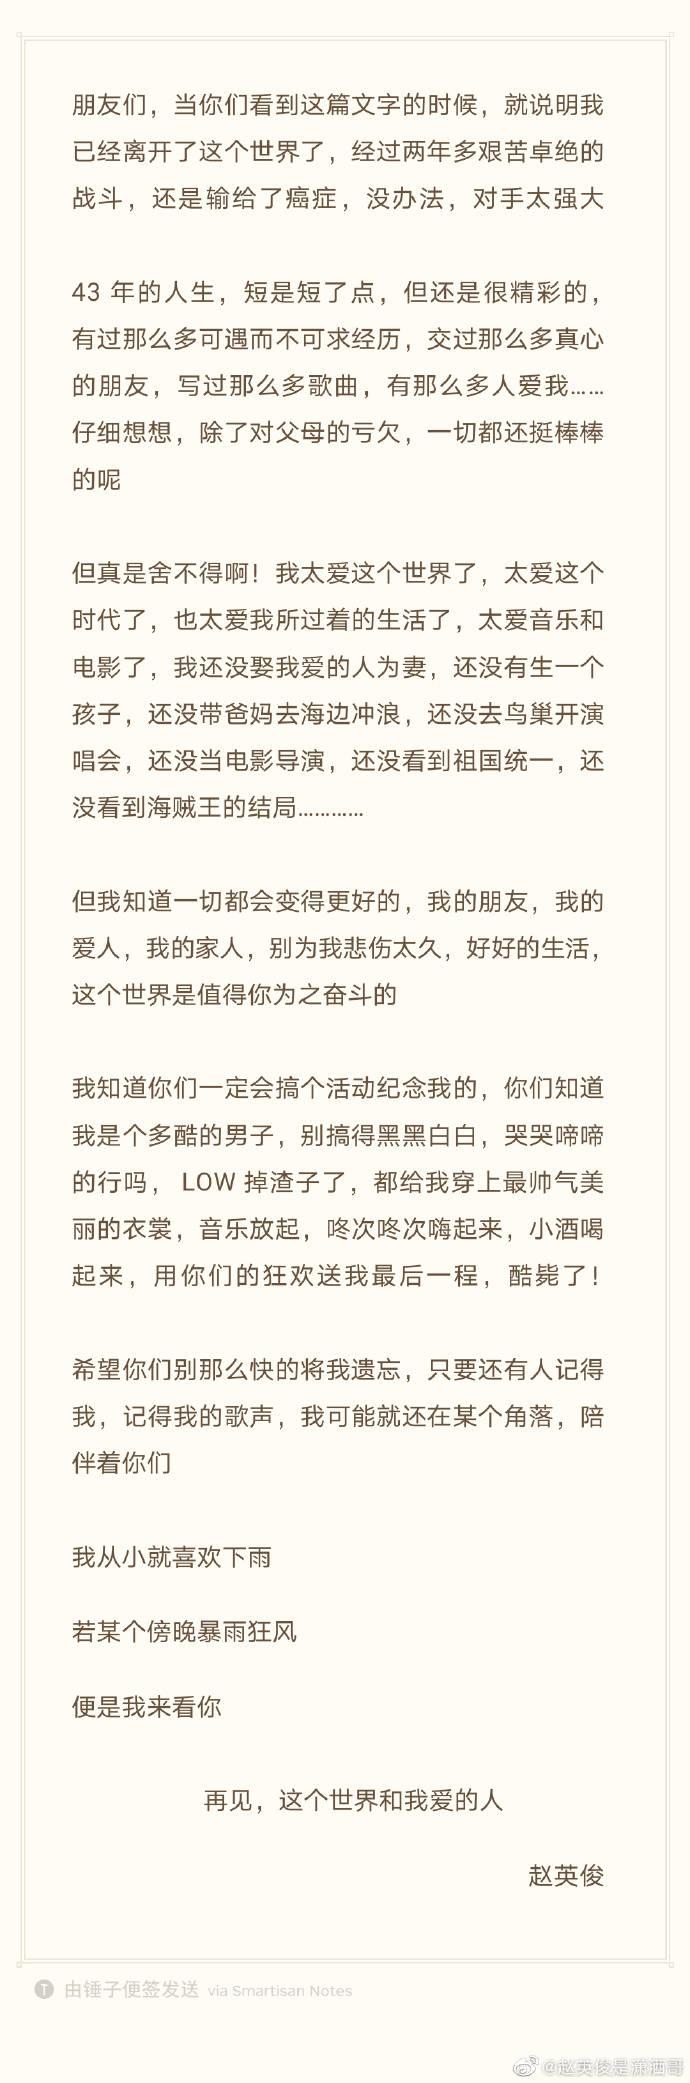 赵英俊追悼会举办众明星好友现身?薛之谦痛哭小红花让人泪目 赵英俊的人缘究竟有多好?